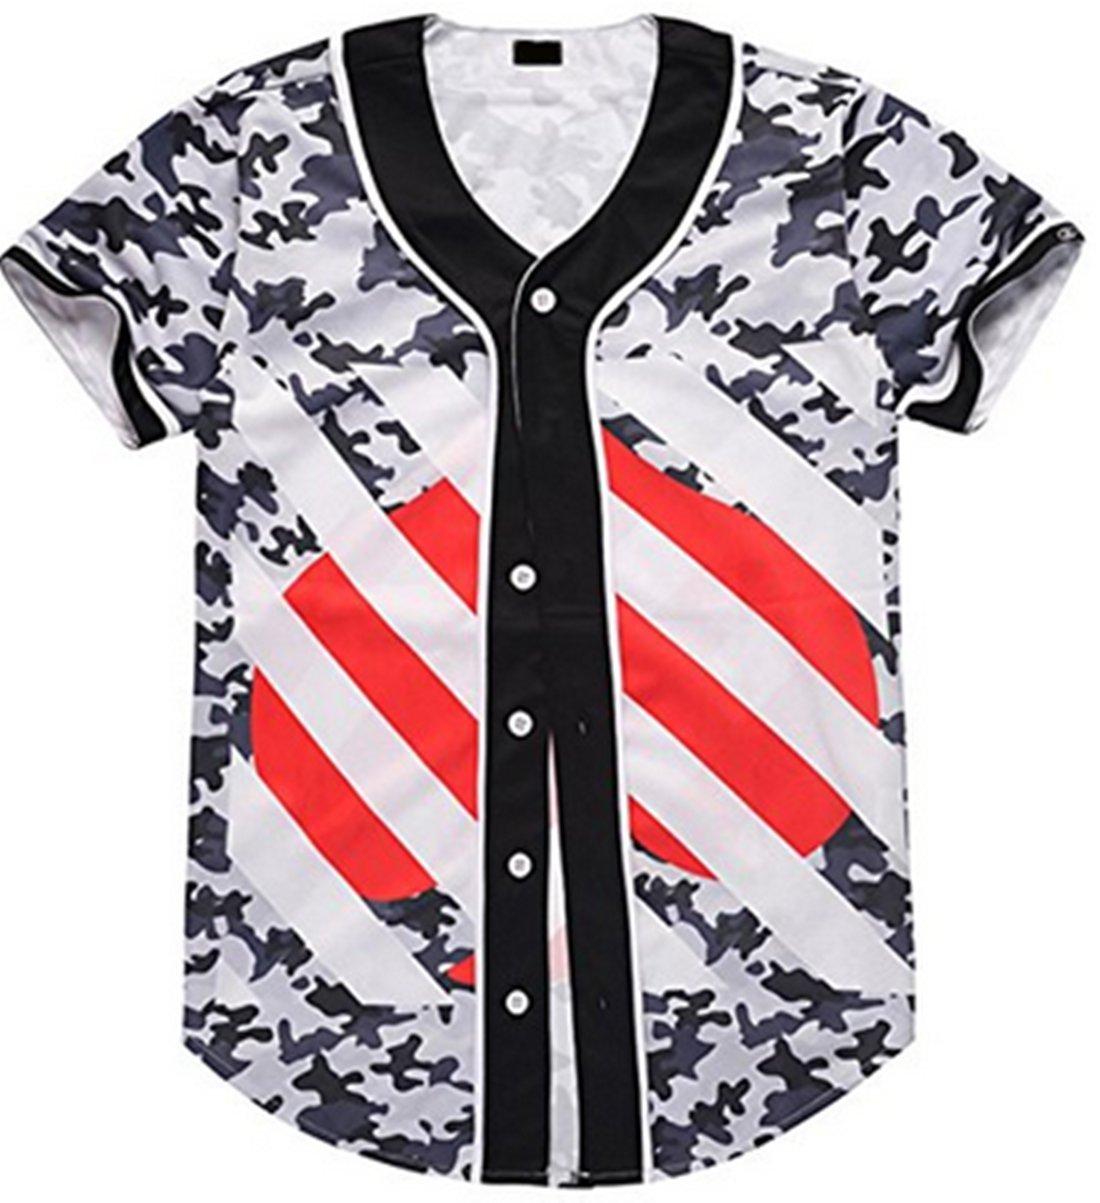 Union Link SHIRT メンズ B074RHV3Q1 Small|Baseball Clothing 3 Baseball Clothing 3 Small